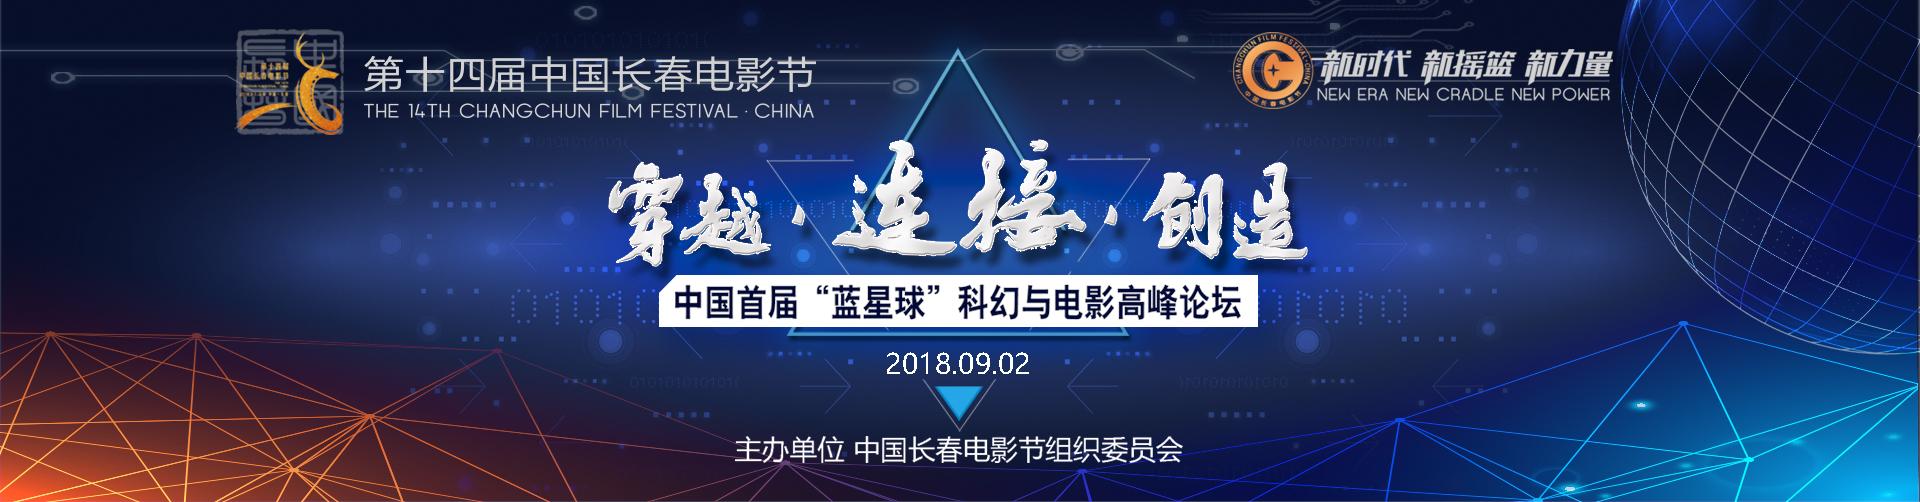 """中國首屆""""藍星球""""科幻與電影高峰論壇"""